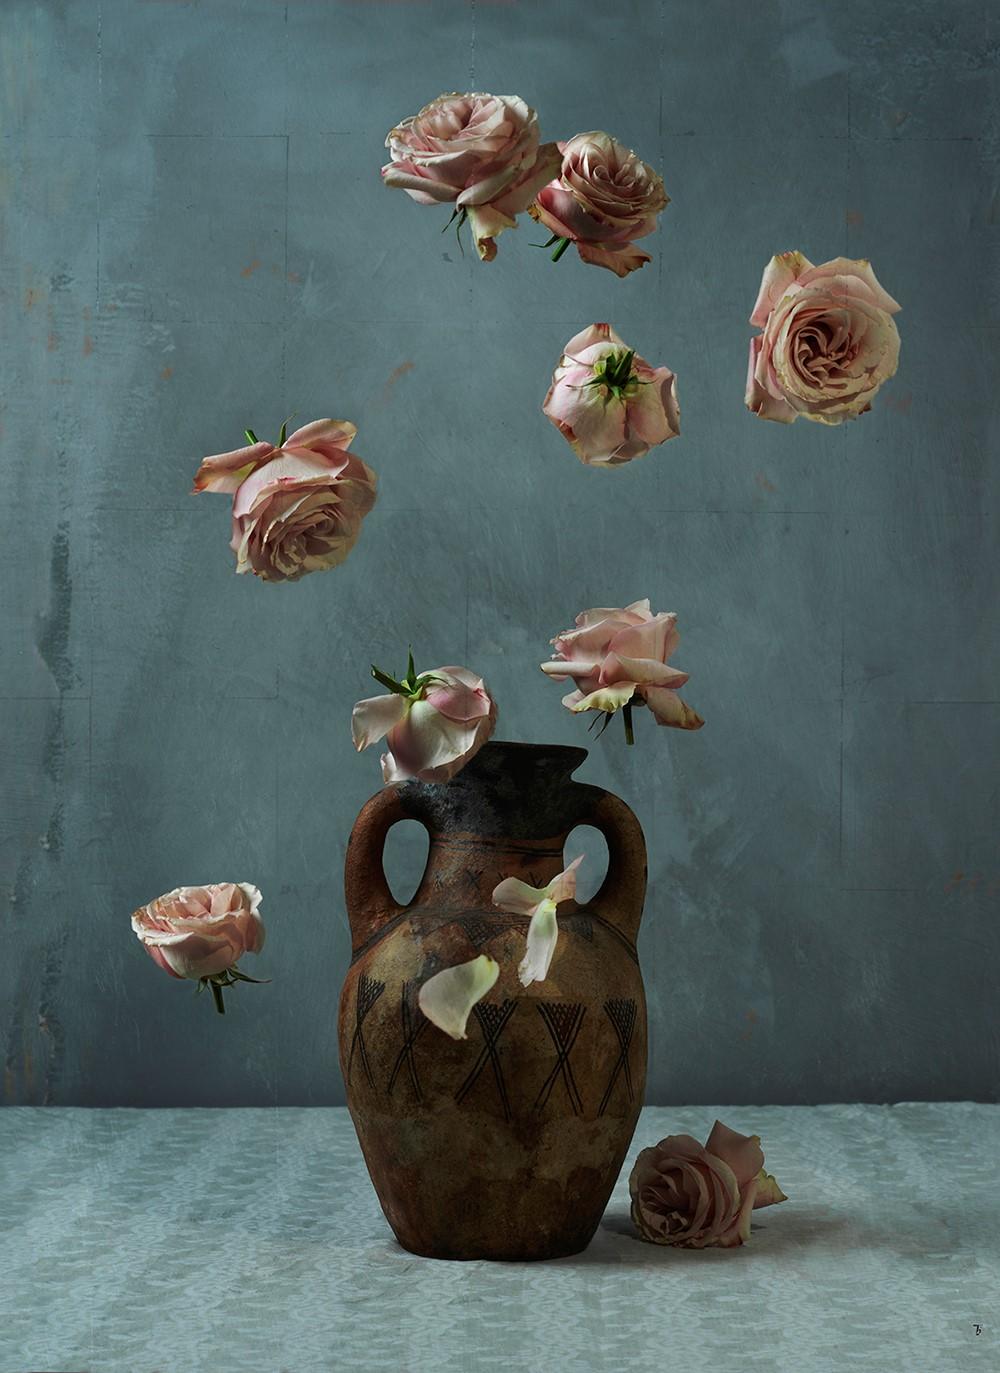 Berber Rose